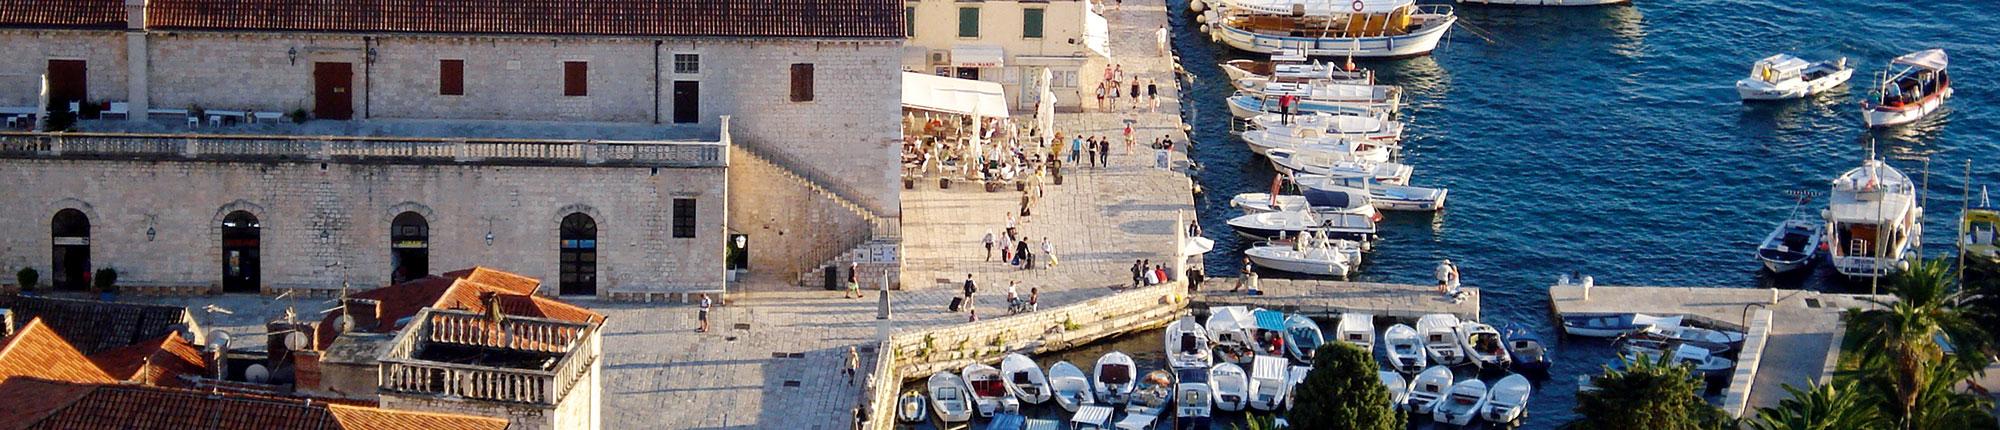 Hvar - Festival Taste the Mediterranean